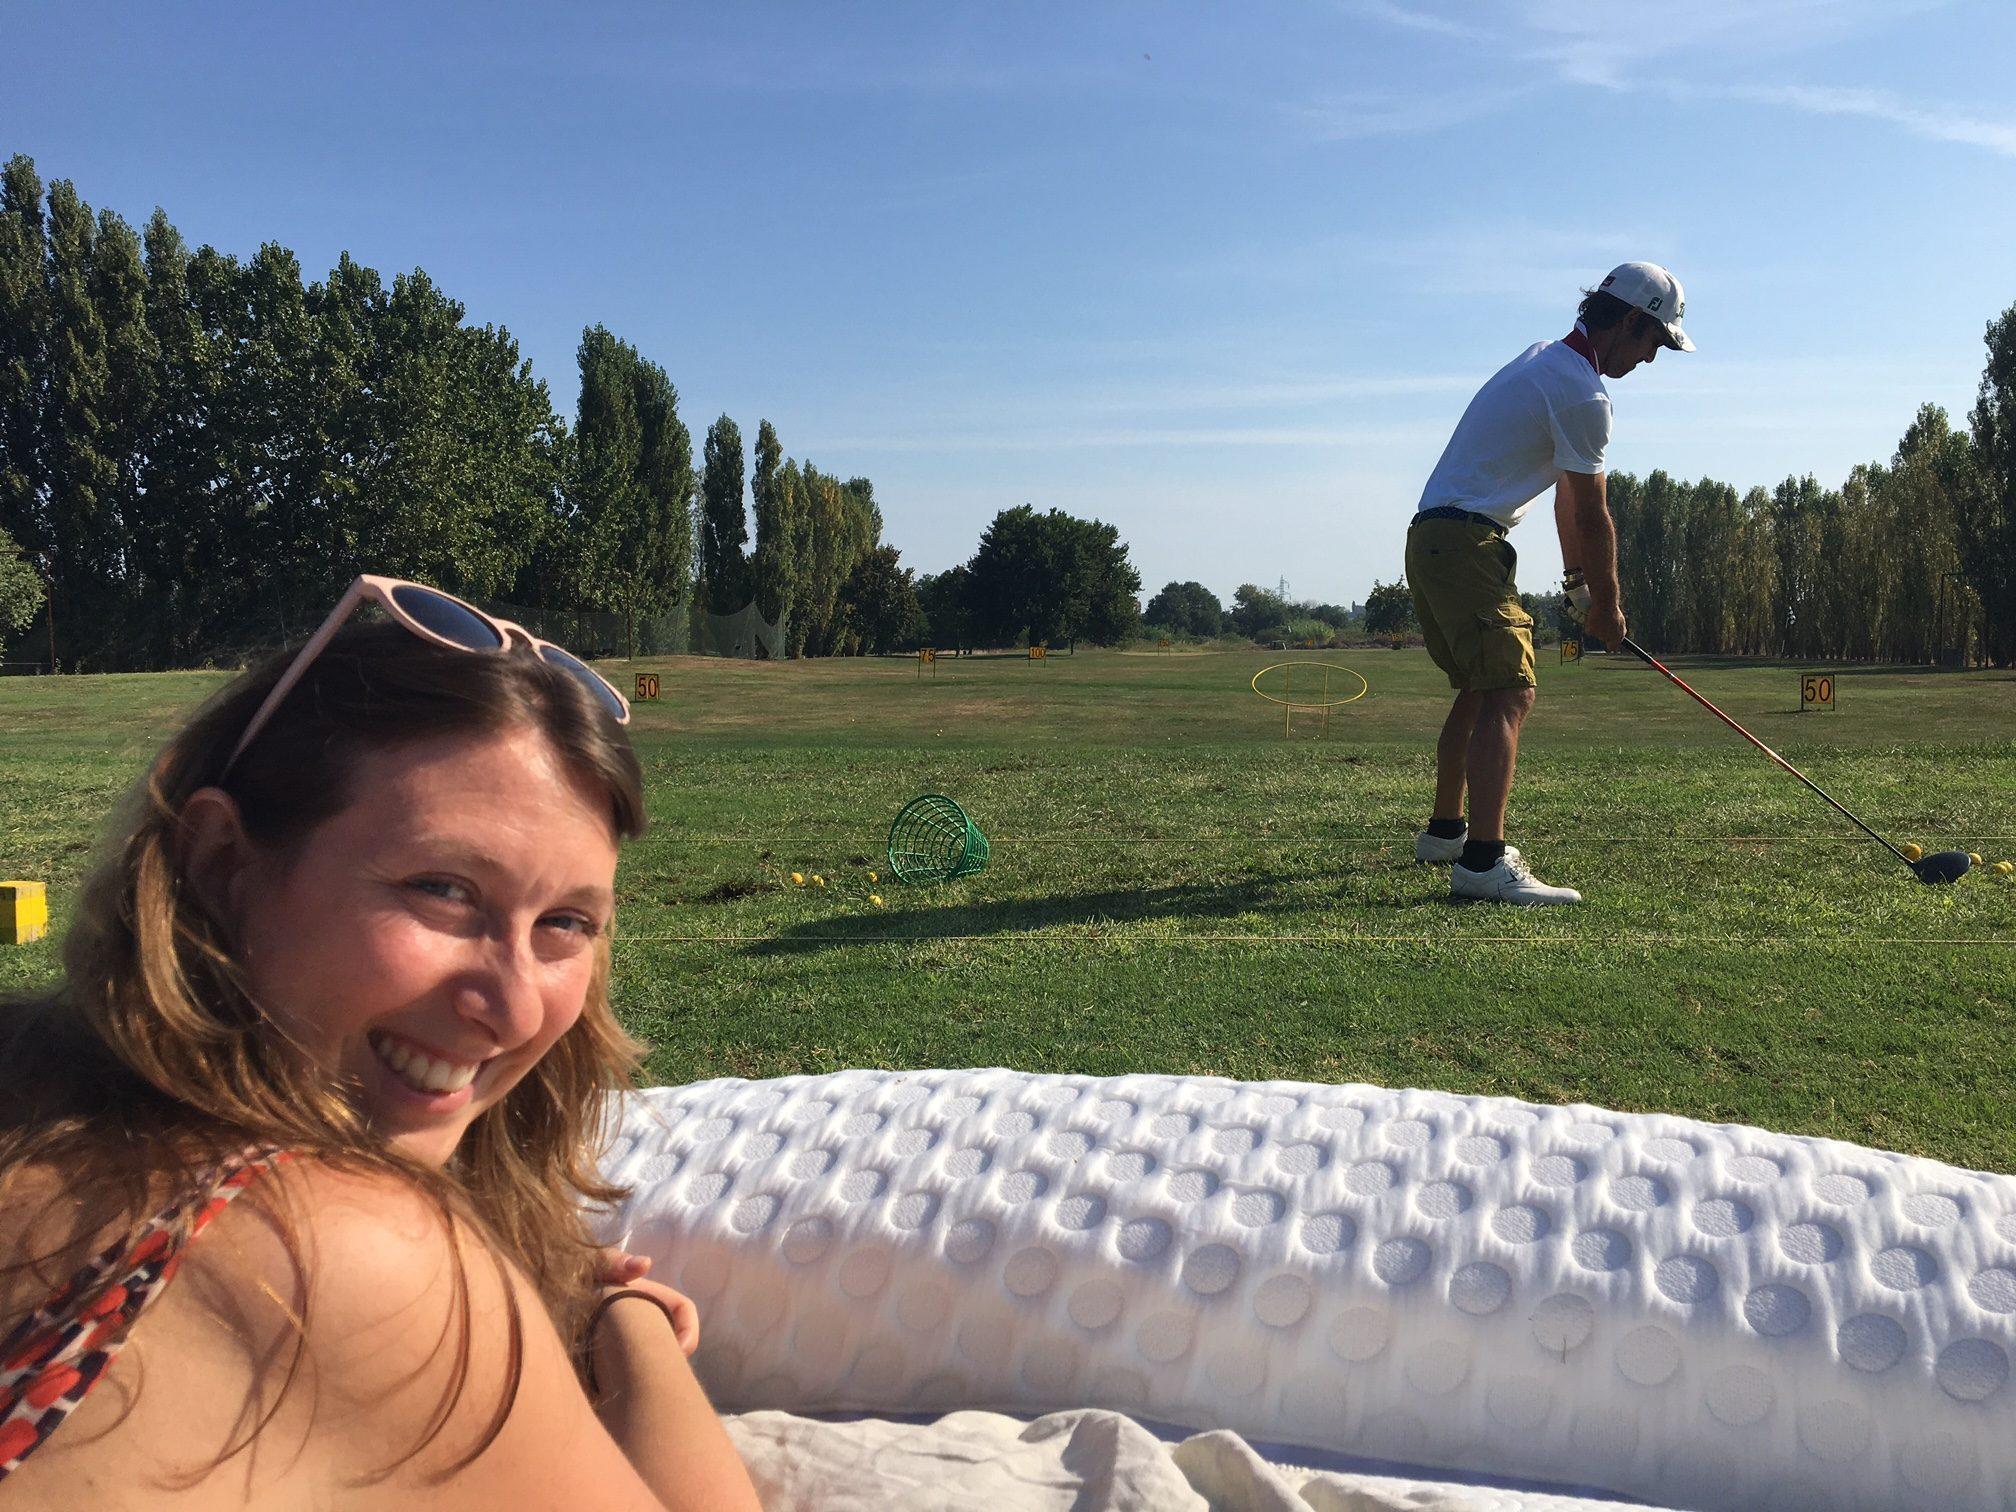 Sport e golf, attento a come riposi: qualche consiglio